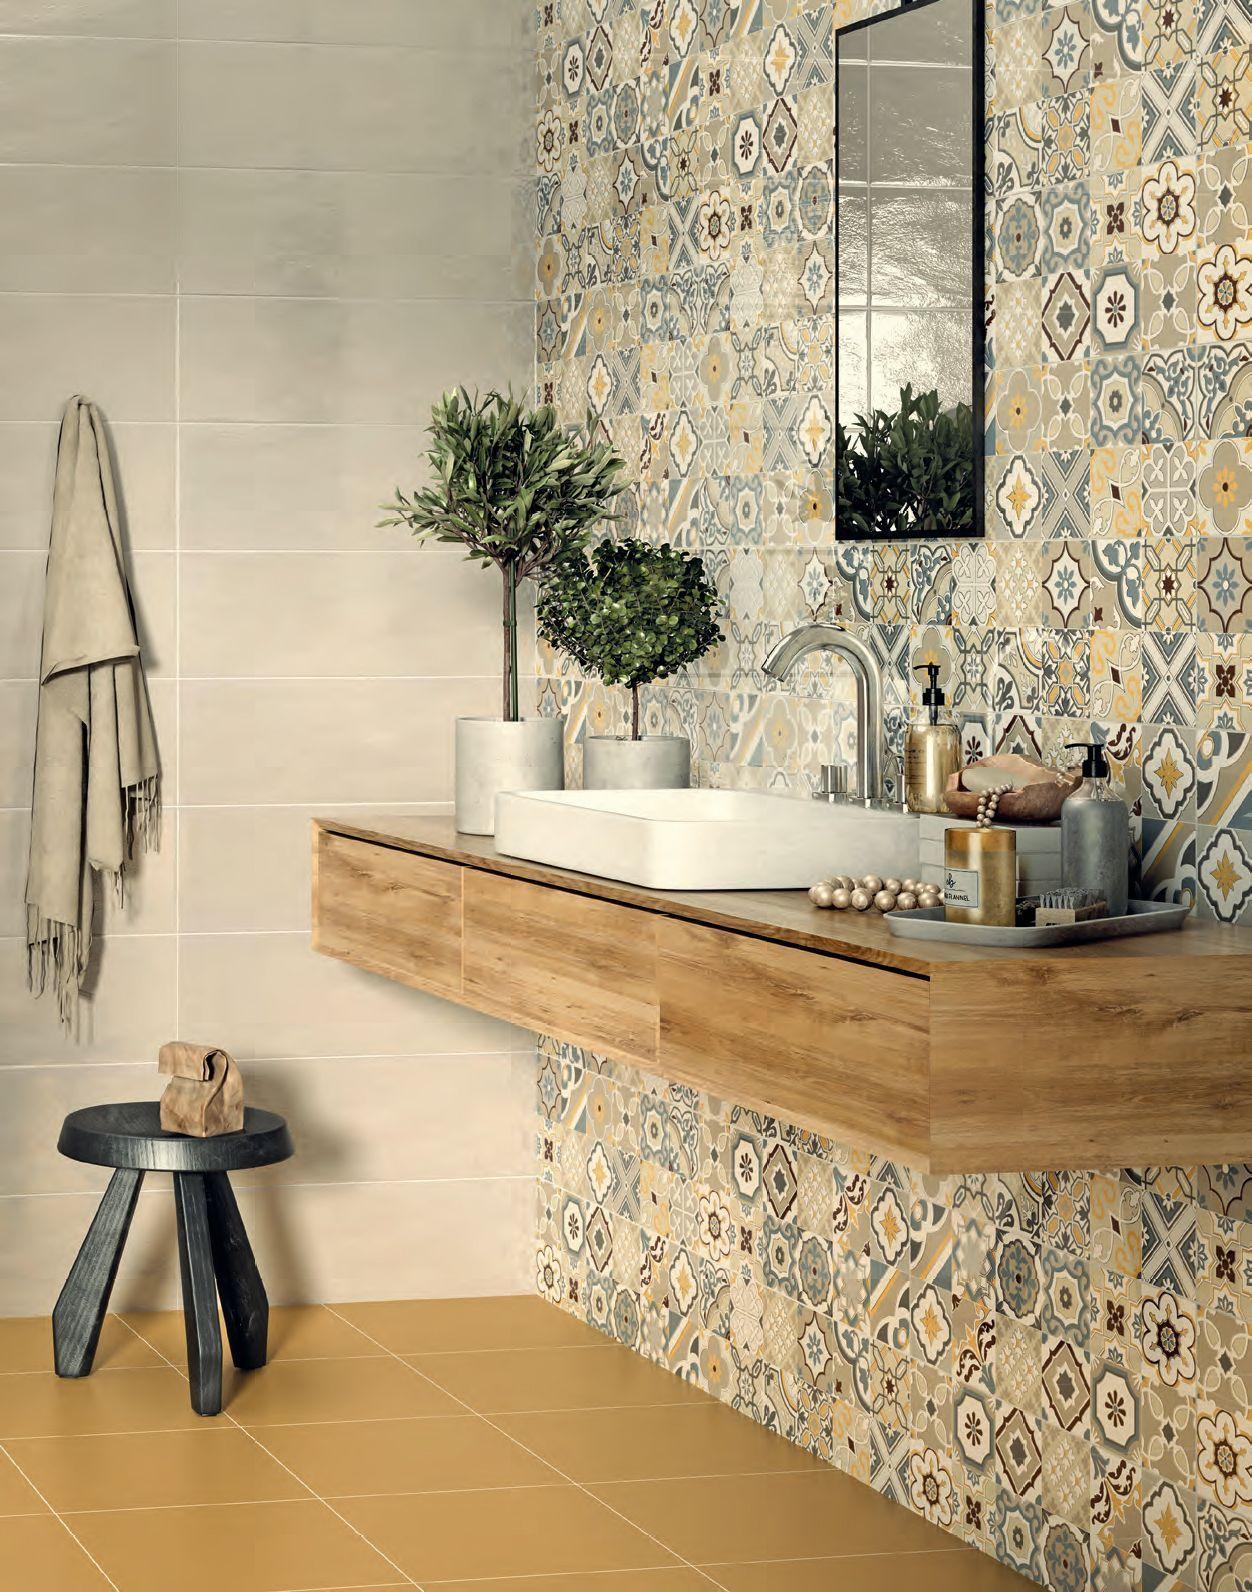 Badezimmerduschen 660762576550733107 Entdecken Sie Das Badezimmer Im Boni Stil In 2020 Rustikale Badezimmer Designs Kleine Badezimmer Design Badezimmer